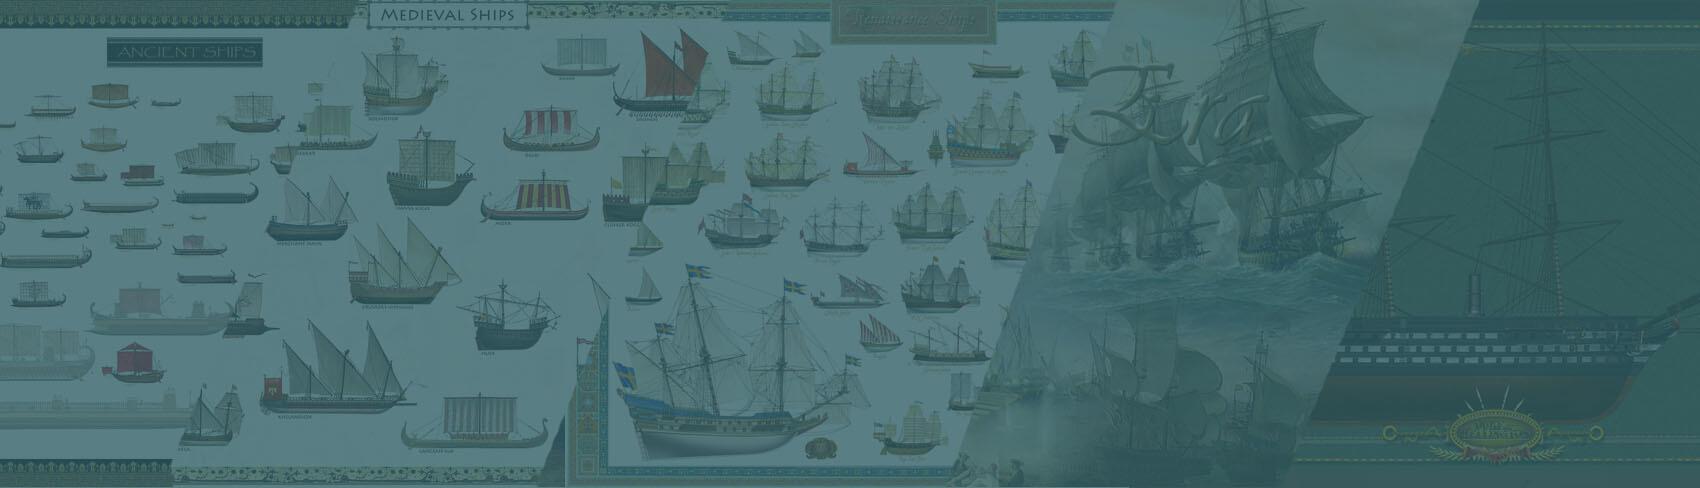 ancient ships roman medieval renaissance enlightenment